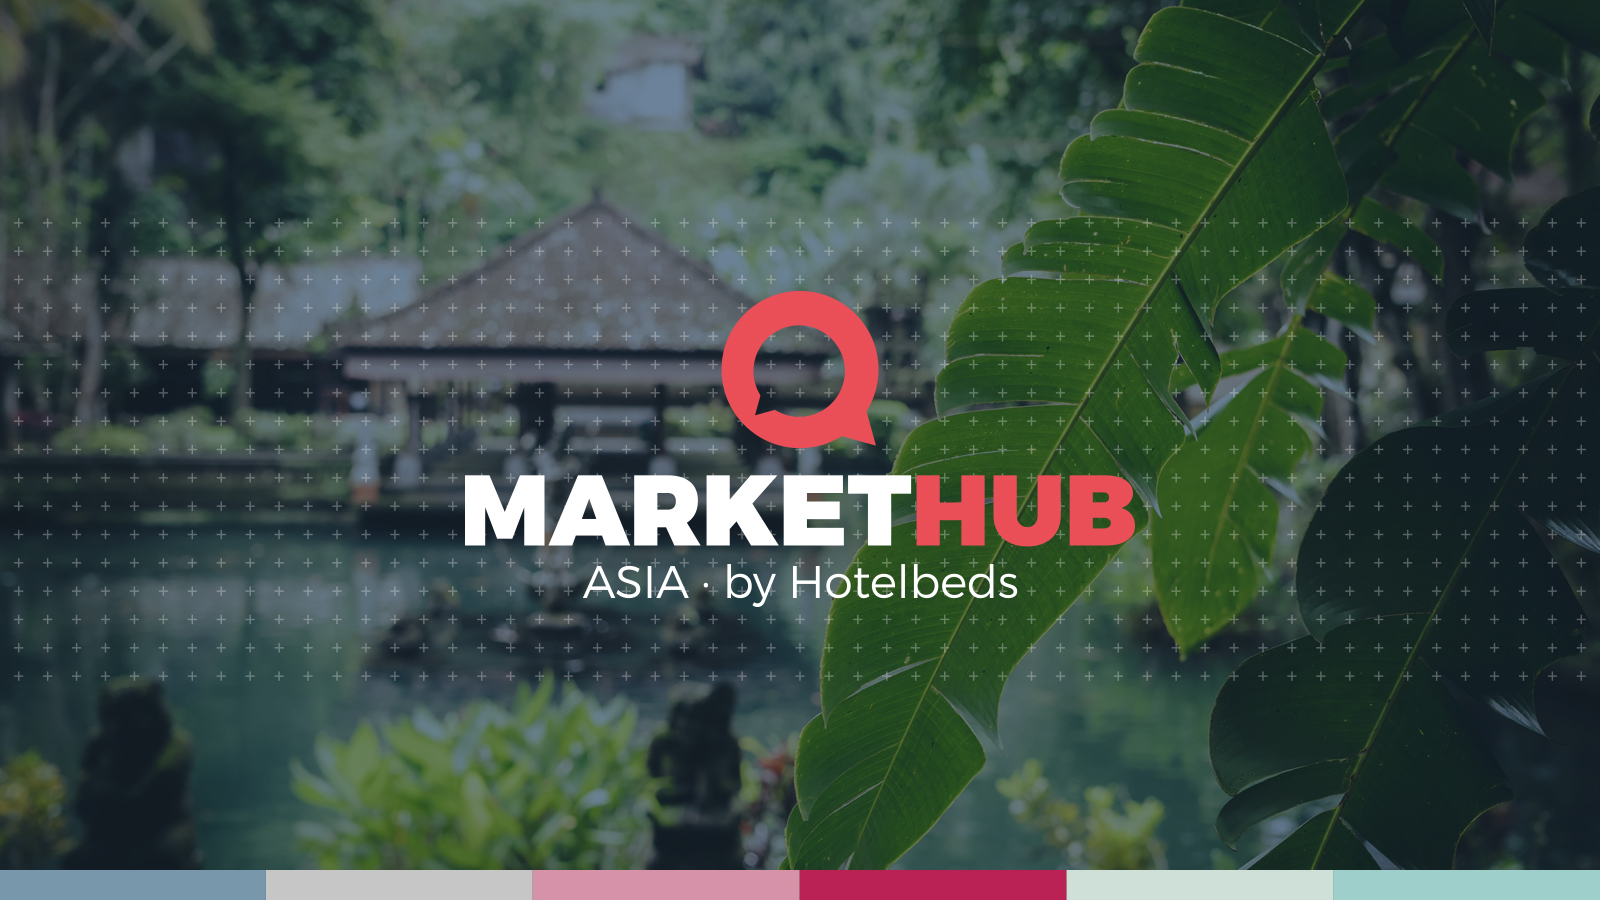 Hotelbeds第二届MarketHub Asia在巴厘岛盛大开幕